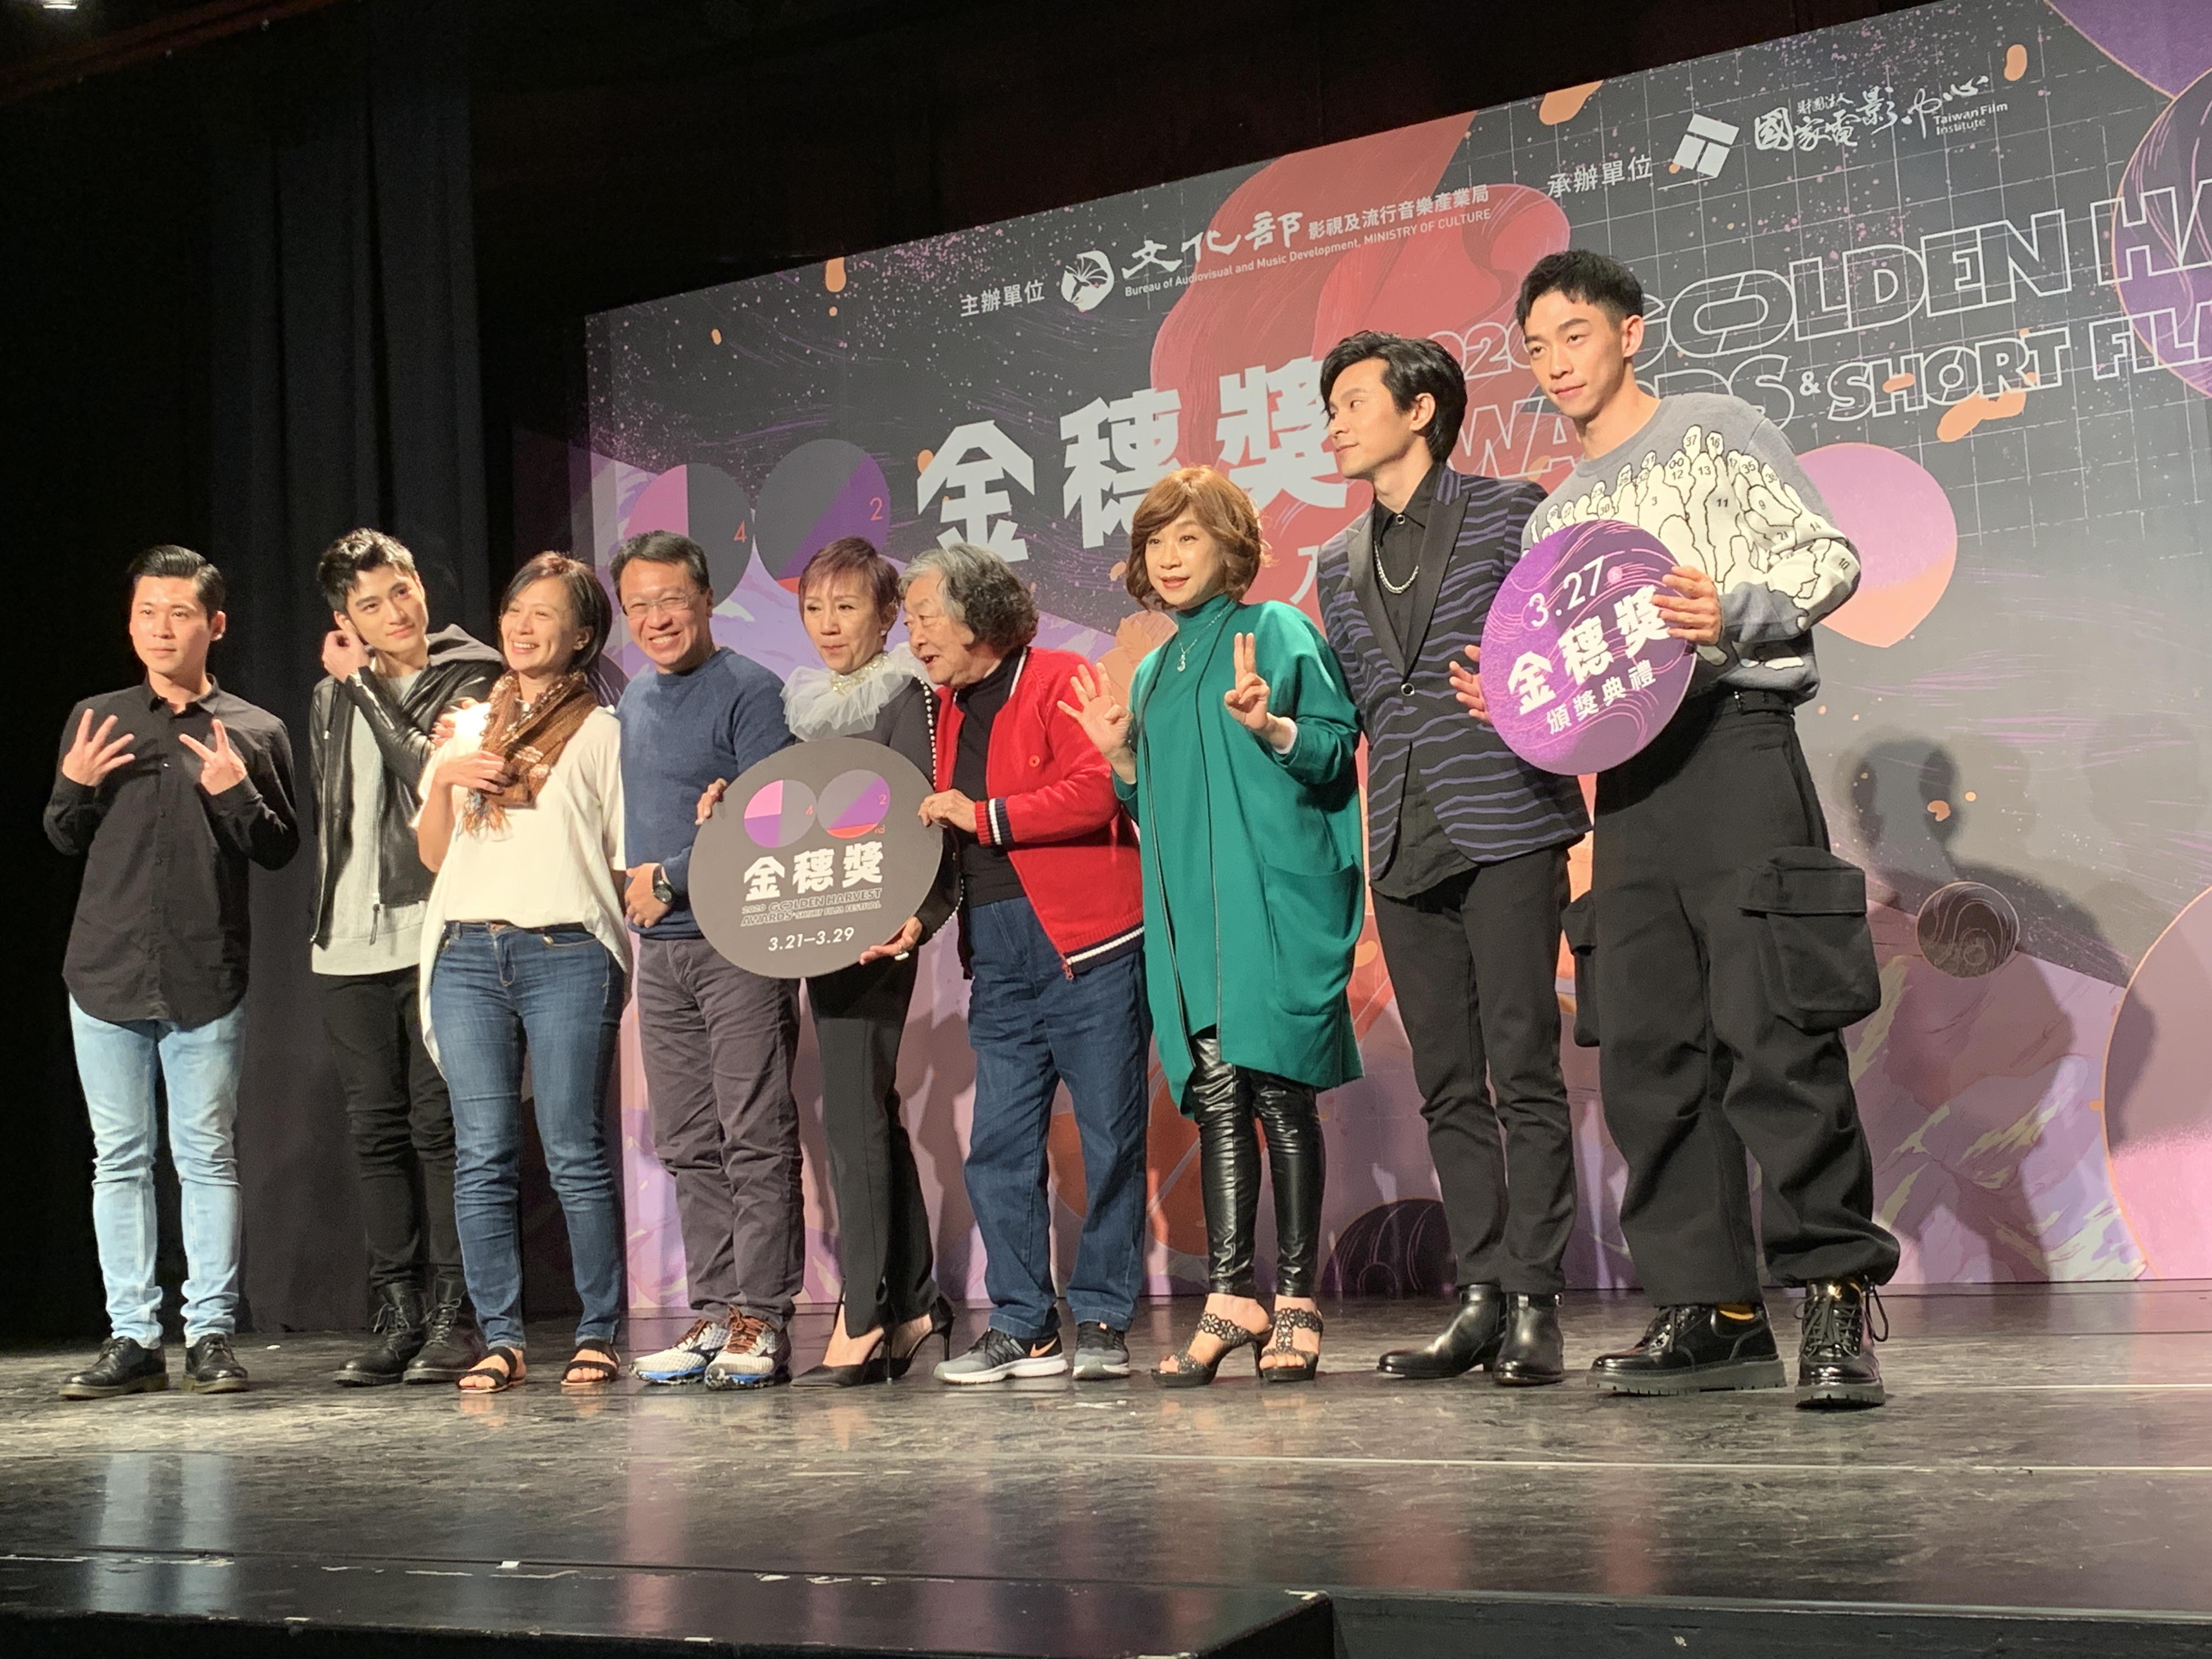 未來台灣之光2020第42屆金穗公佈入圍名單,大使陸弈靜王可元破除世代隔閡喜談心